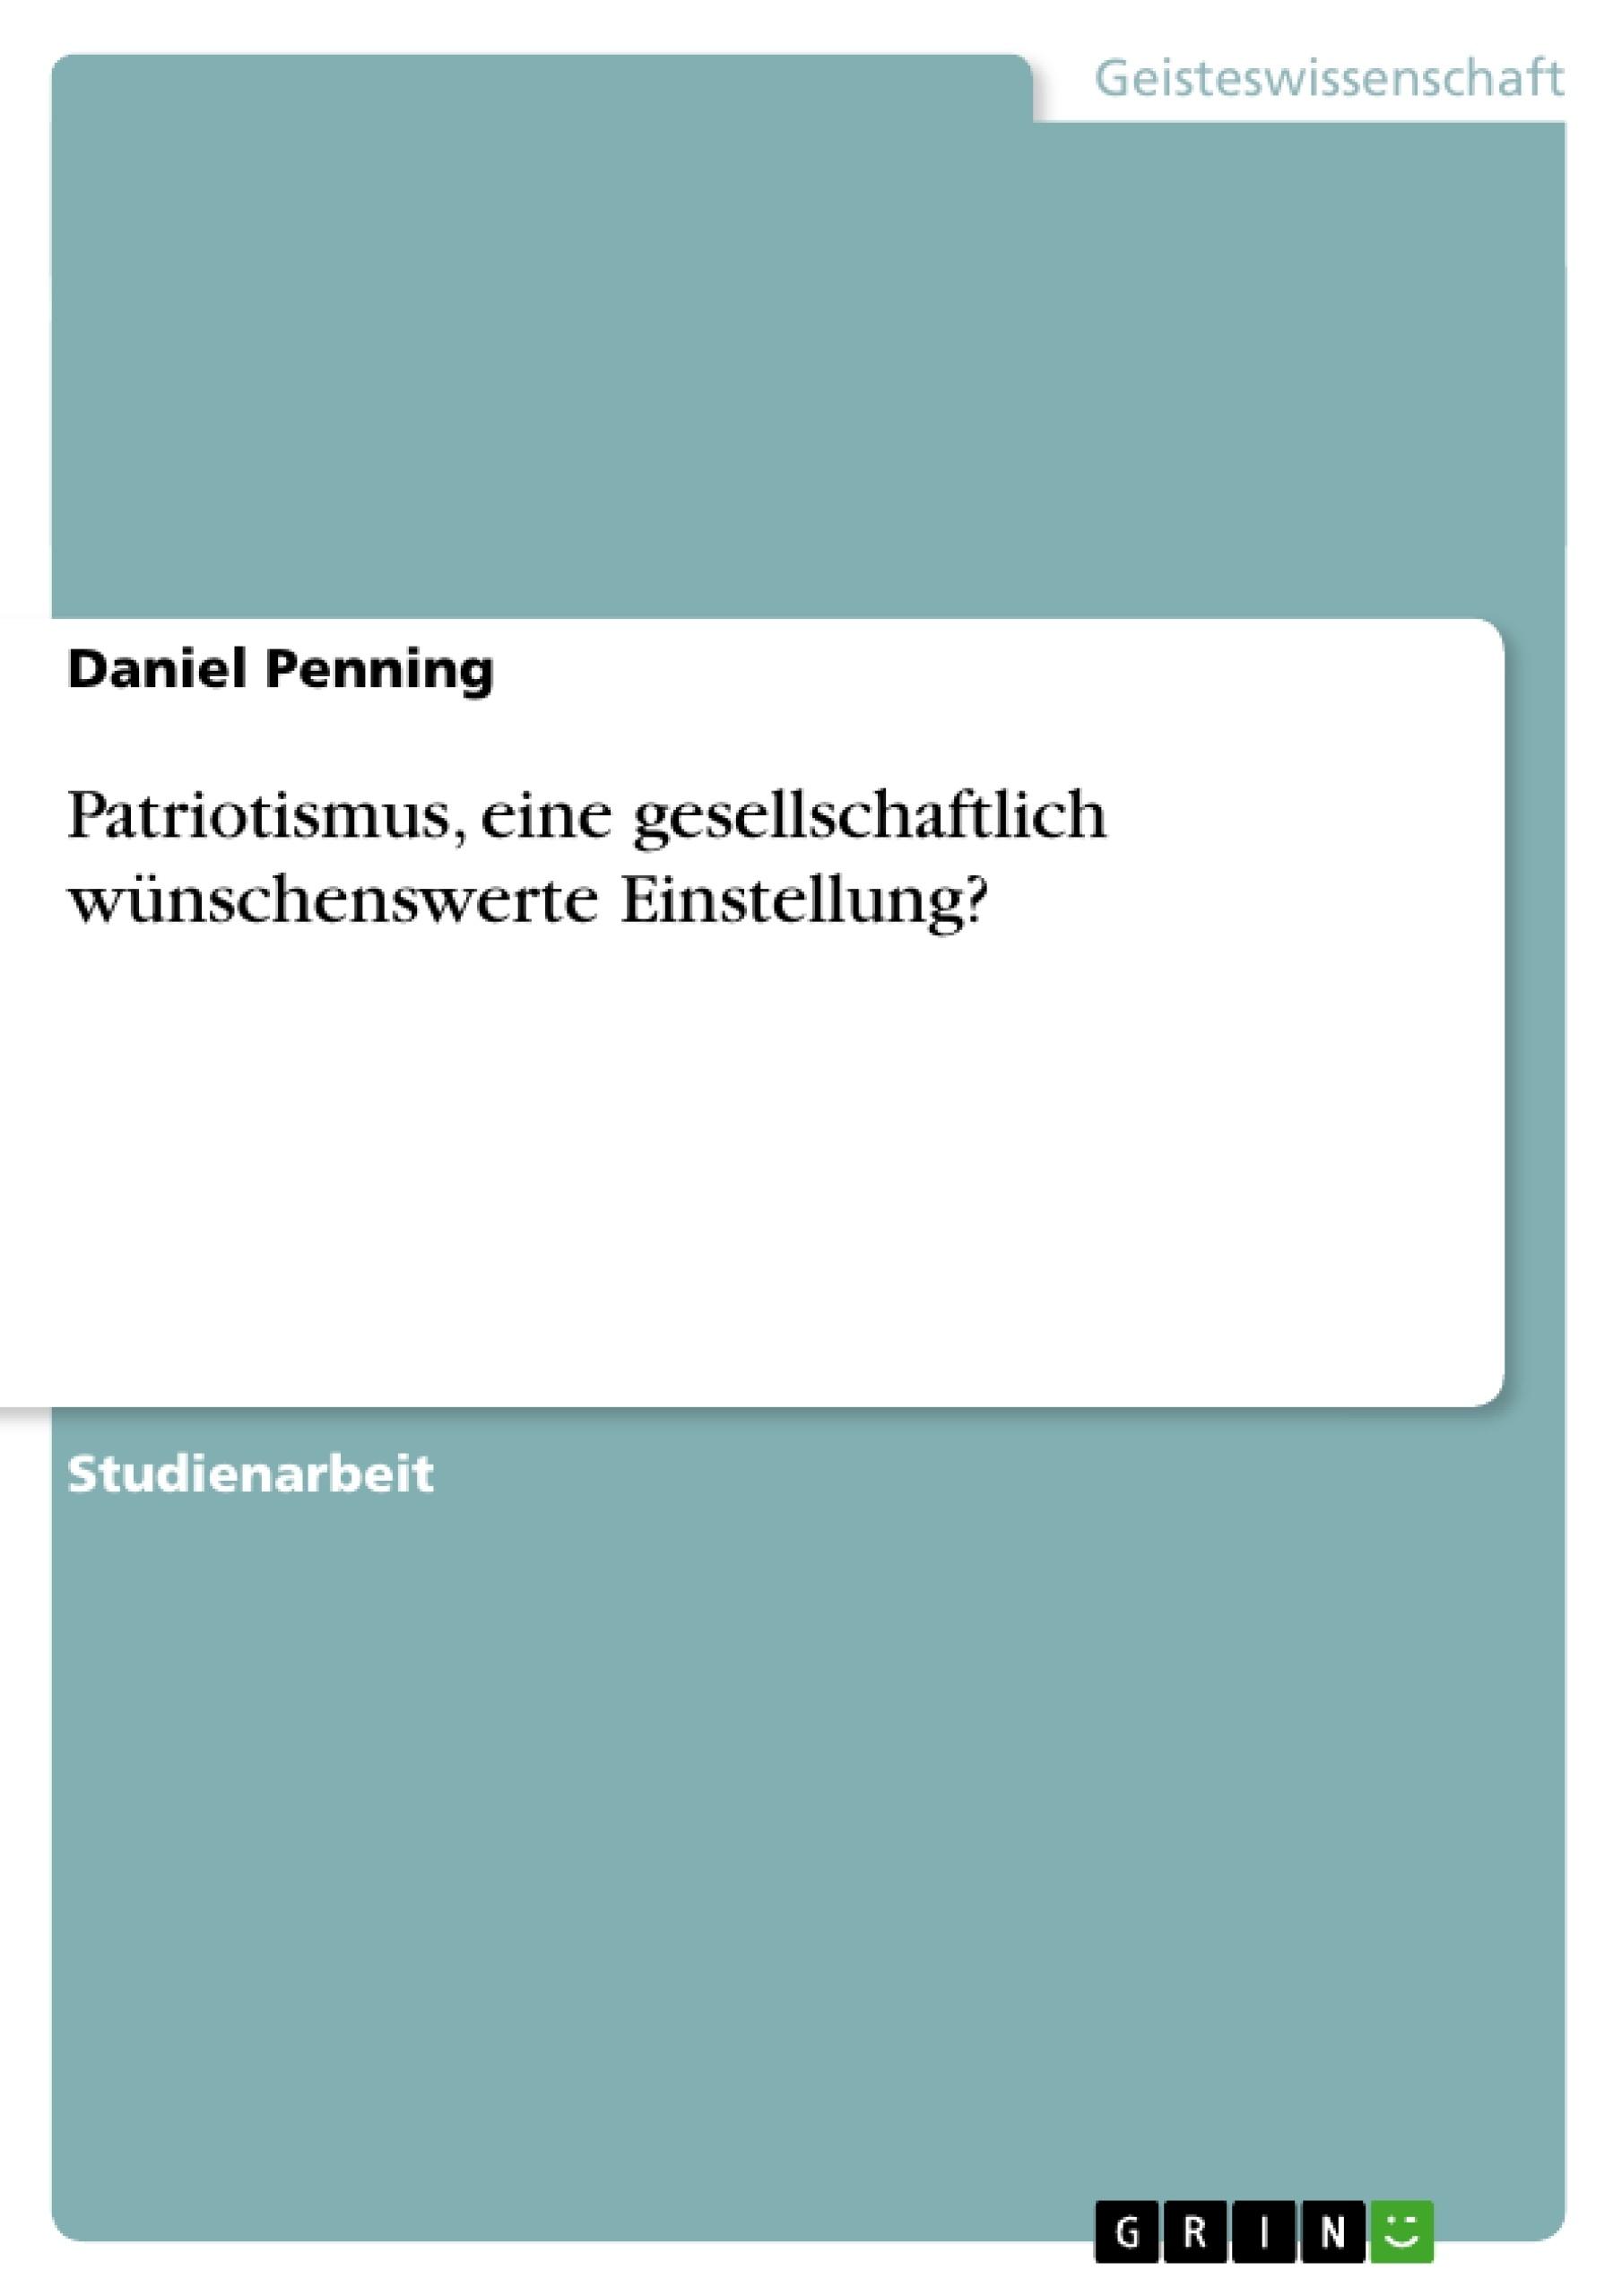 Titel: Patriotismus, eine gesellschaftlich wünschenswerte Einstellung?